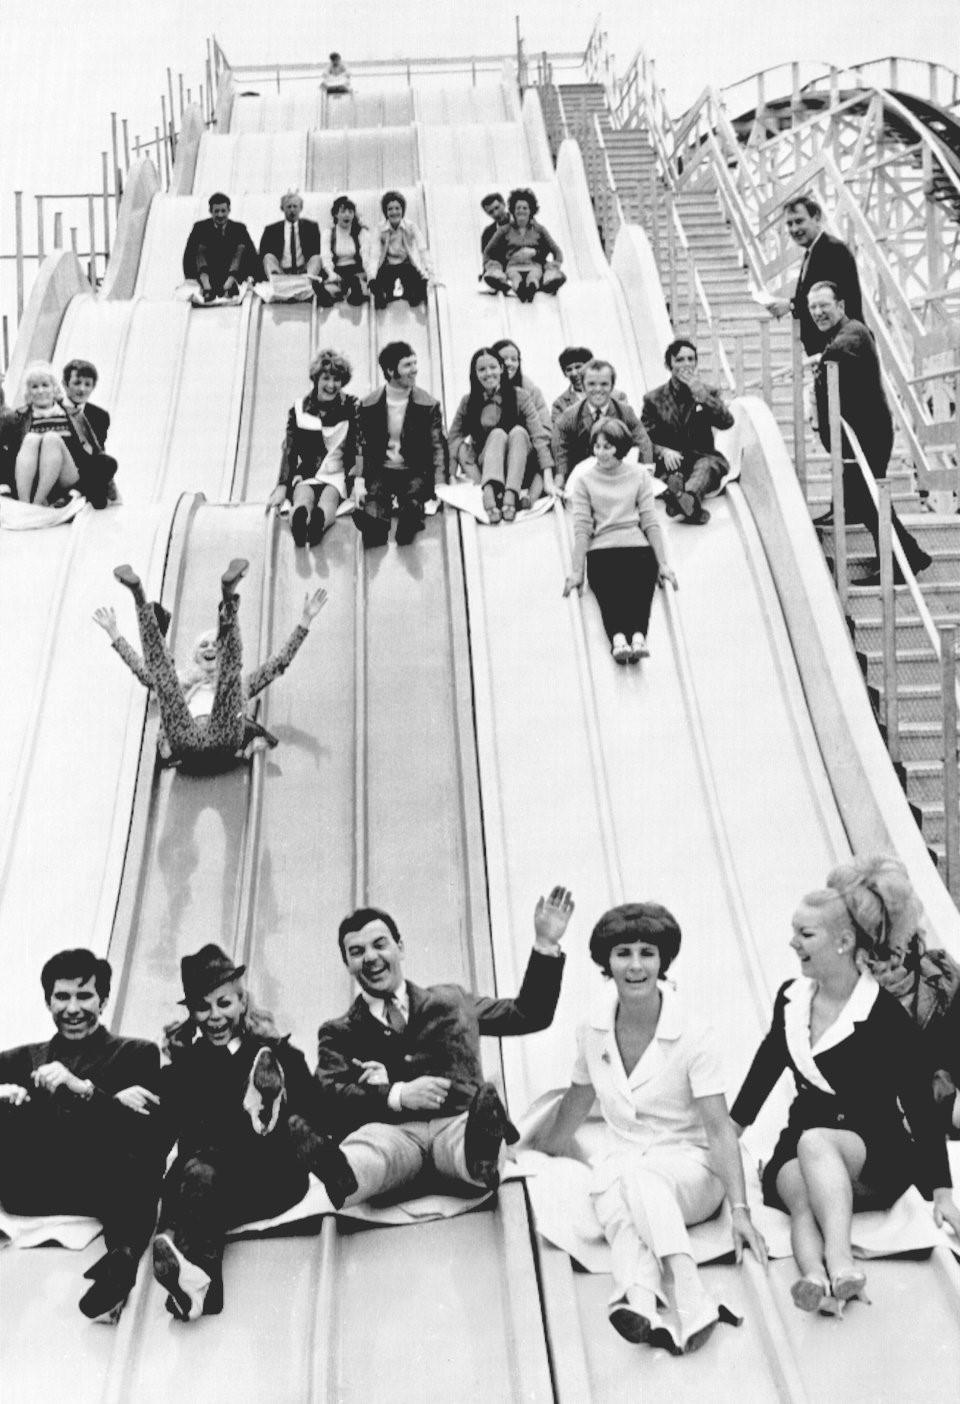 Hơn nửa thế kỷ trước, công viên giải trí khắp thế giới có trò vui nào?-6